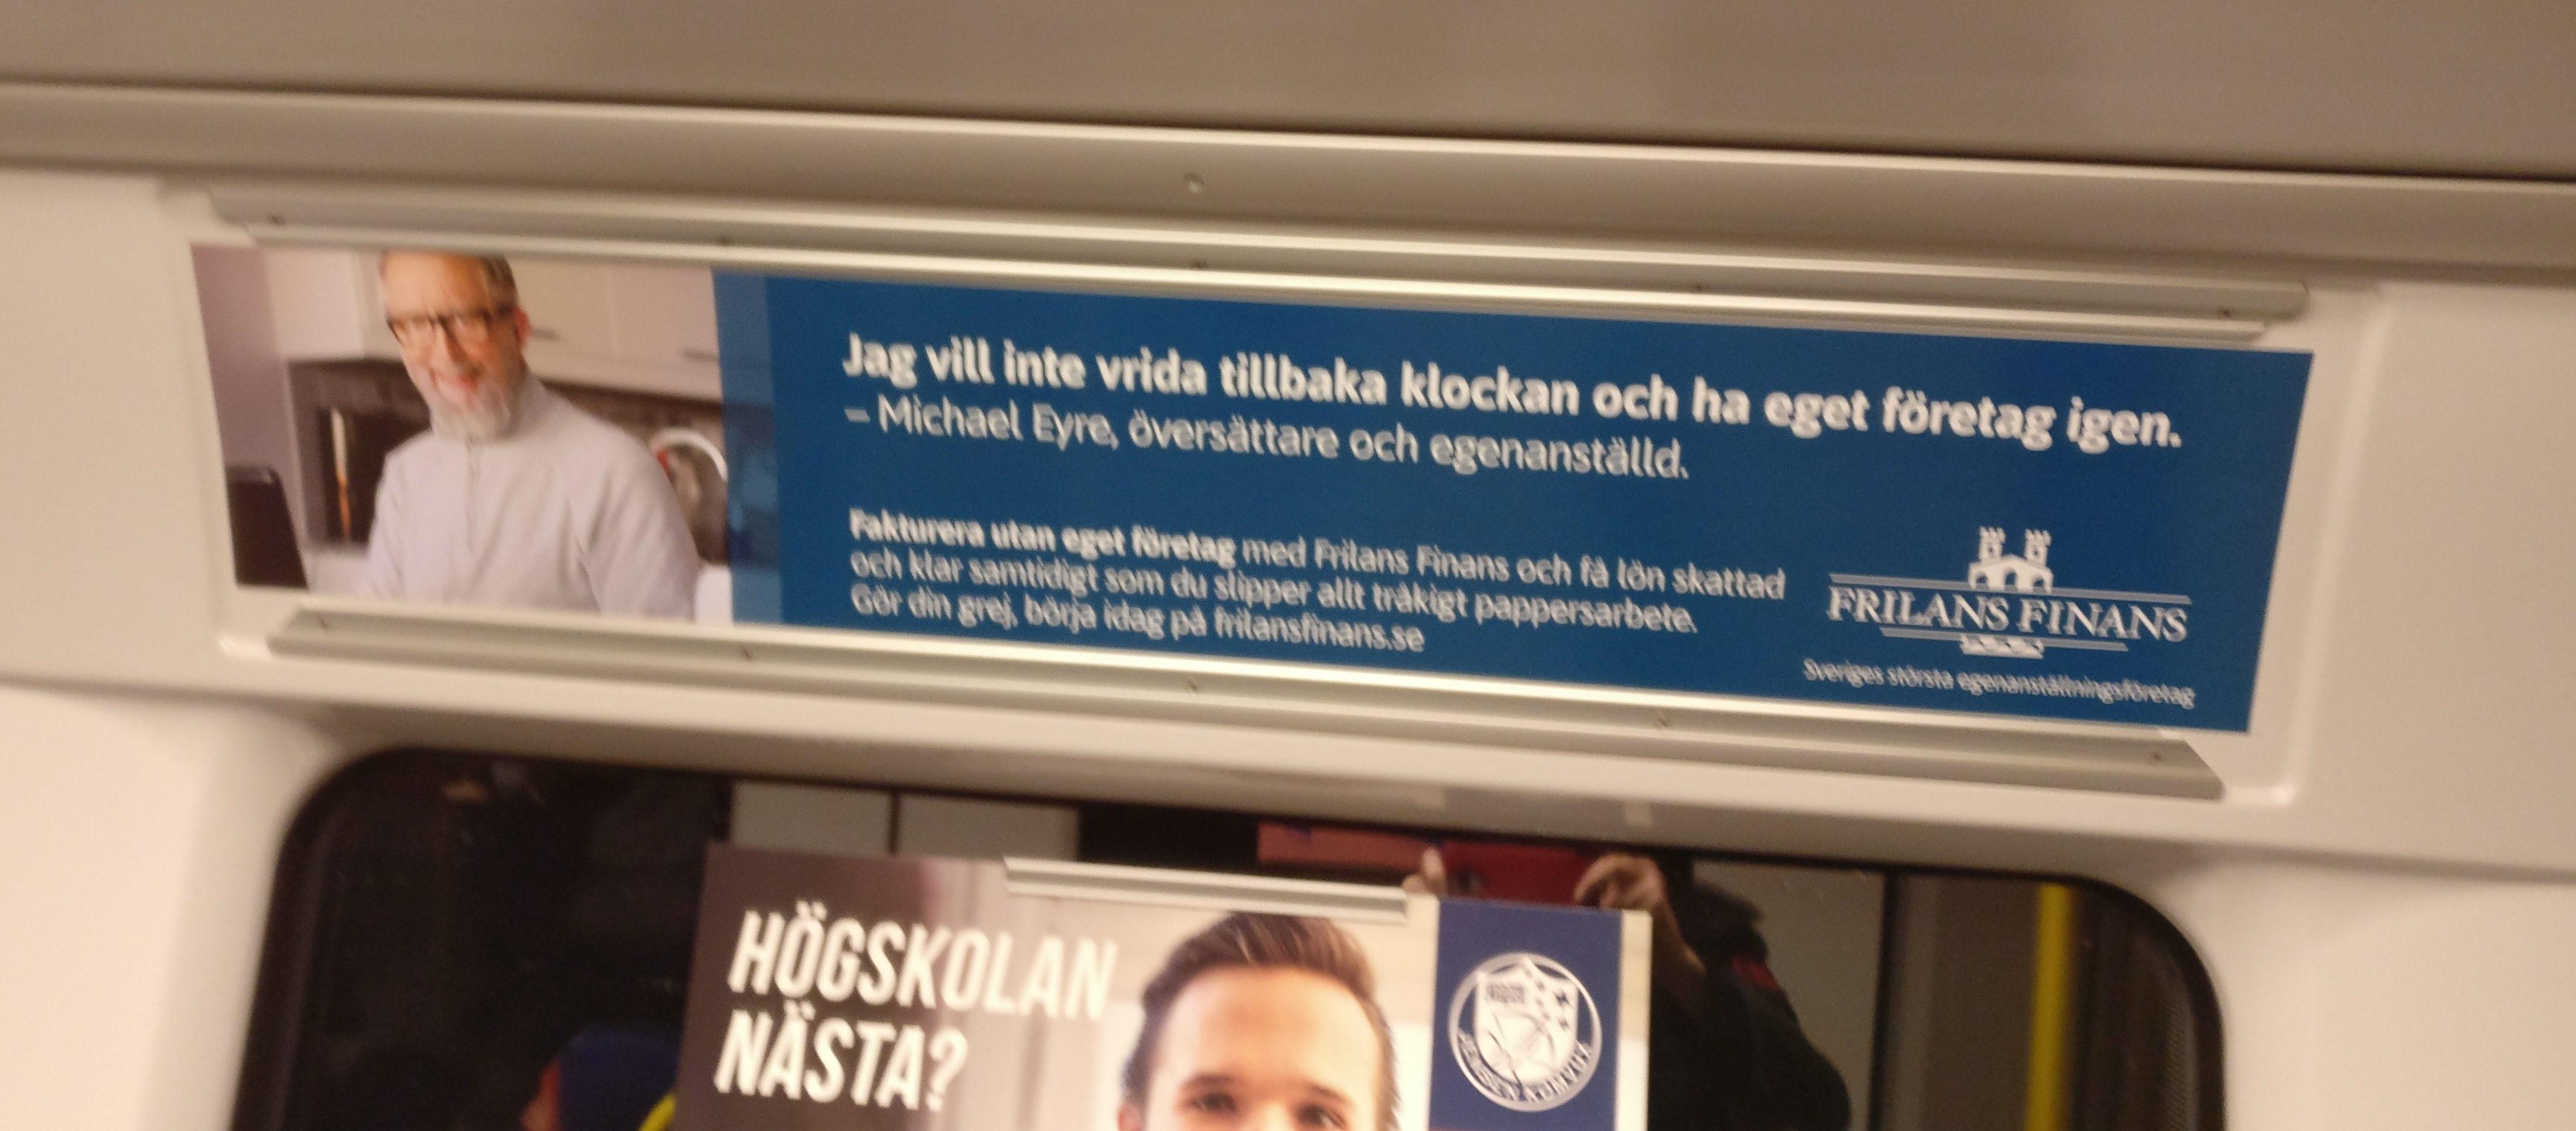 Frilans finans gör reklam i tunnelbanan